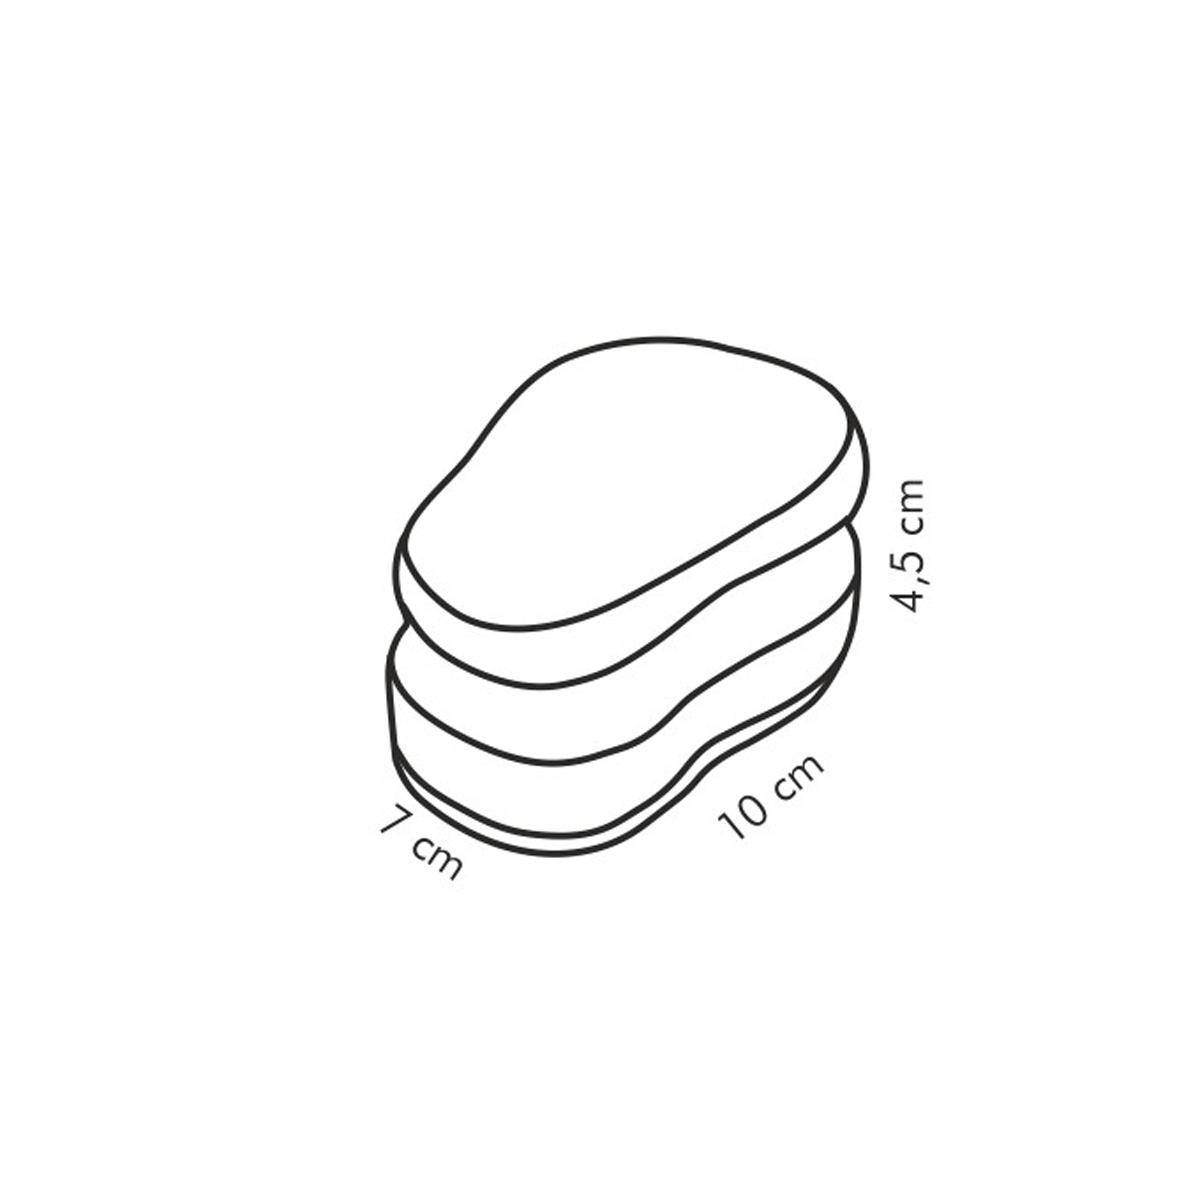 Kuchyňské houbičky CLEAN KIT, 3 ks, na jemné povrchy